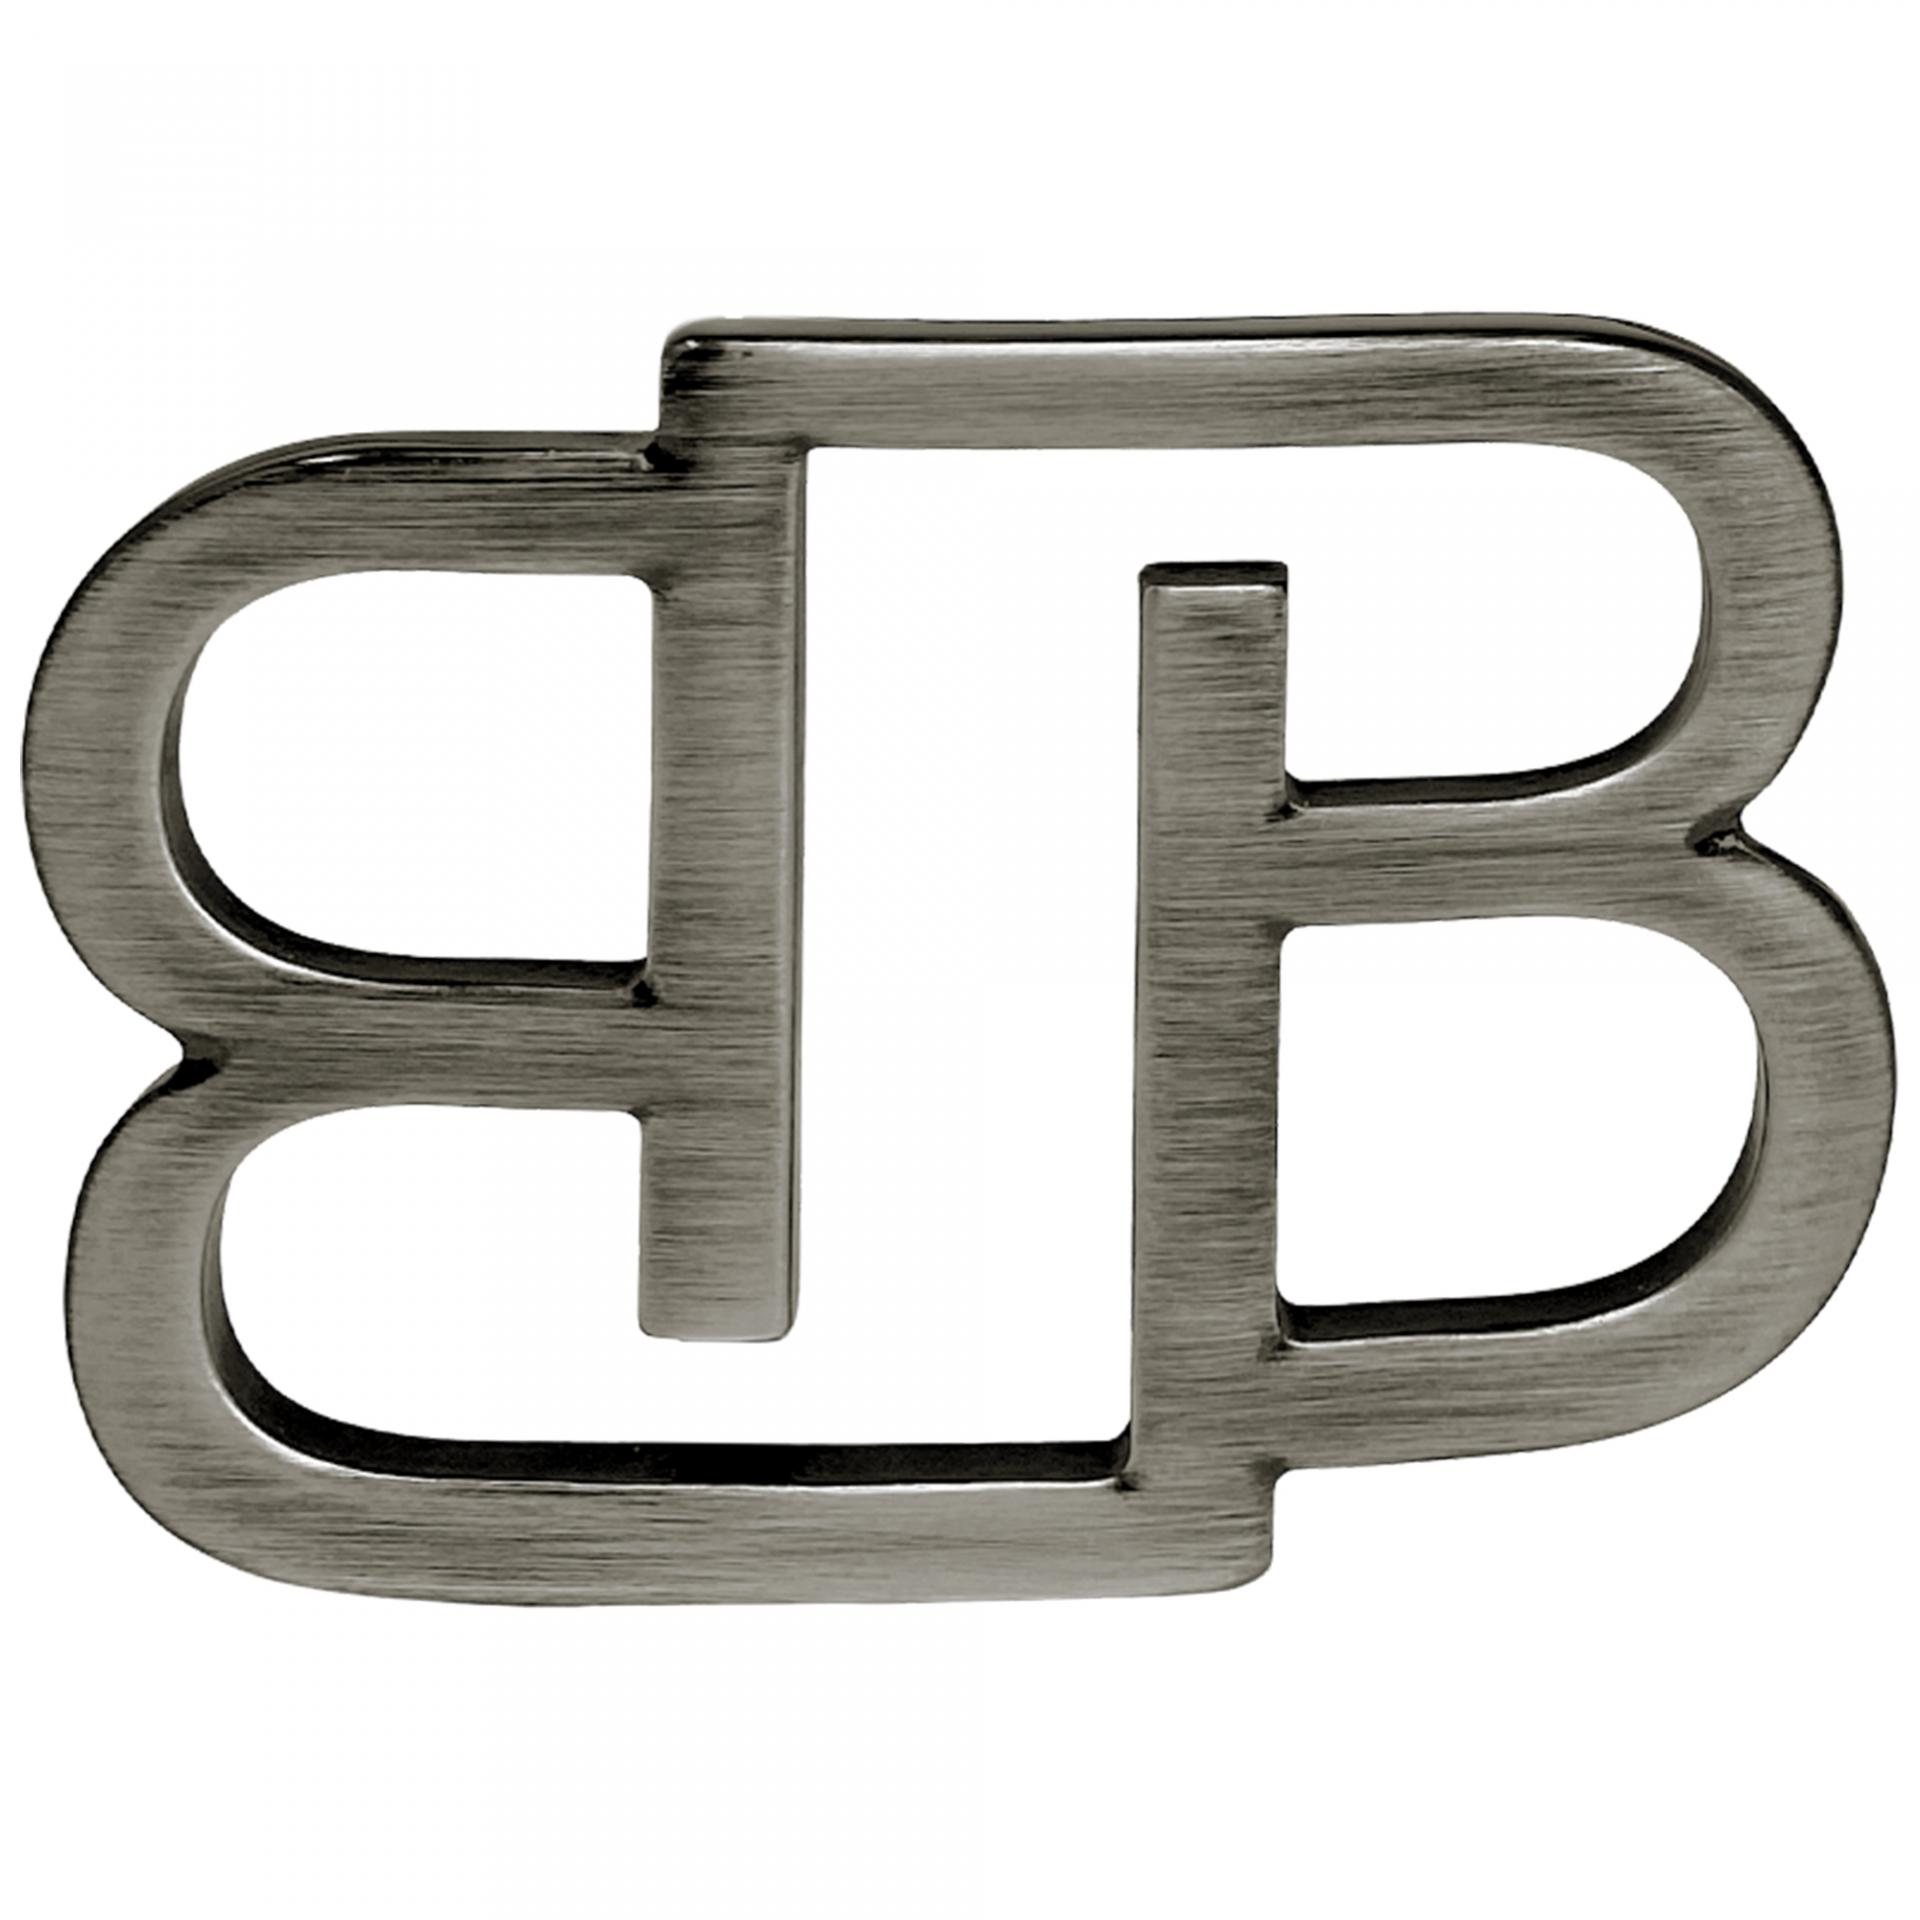 BB Buckle nickel free 35 mm, silver polish